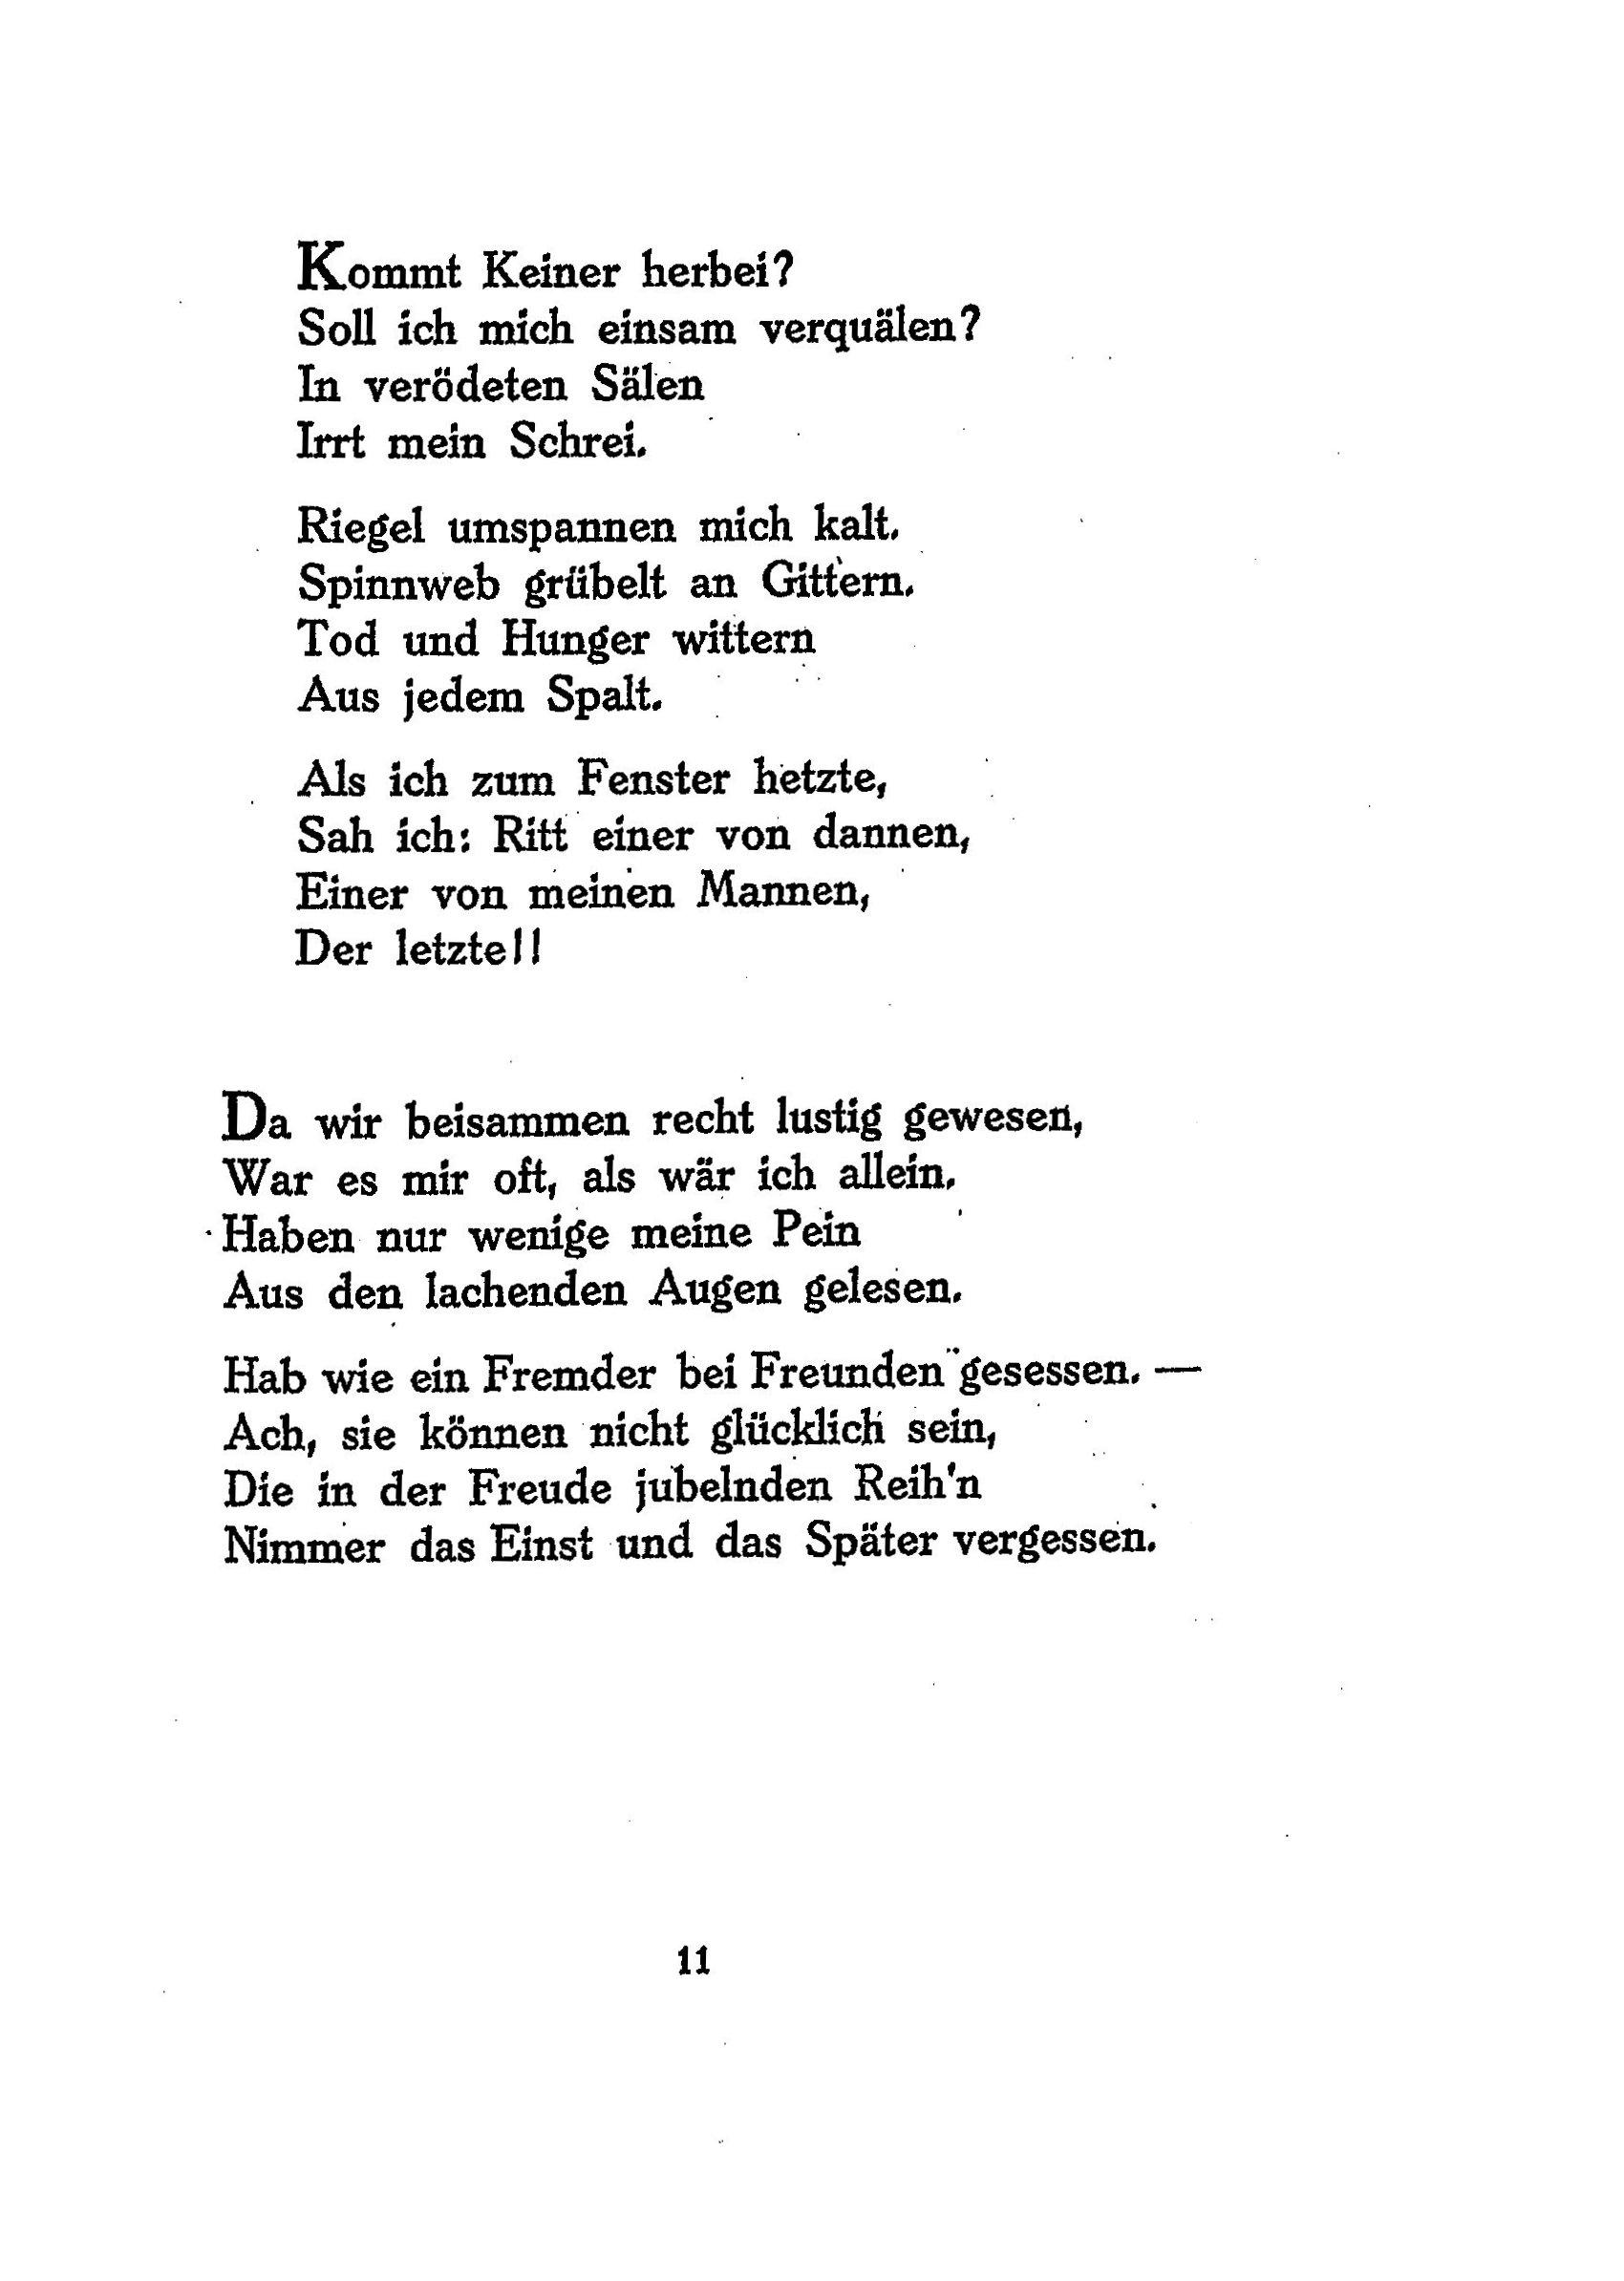 Ringelnatz gedicht zum tod